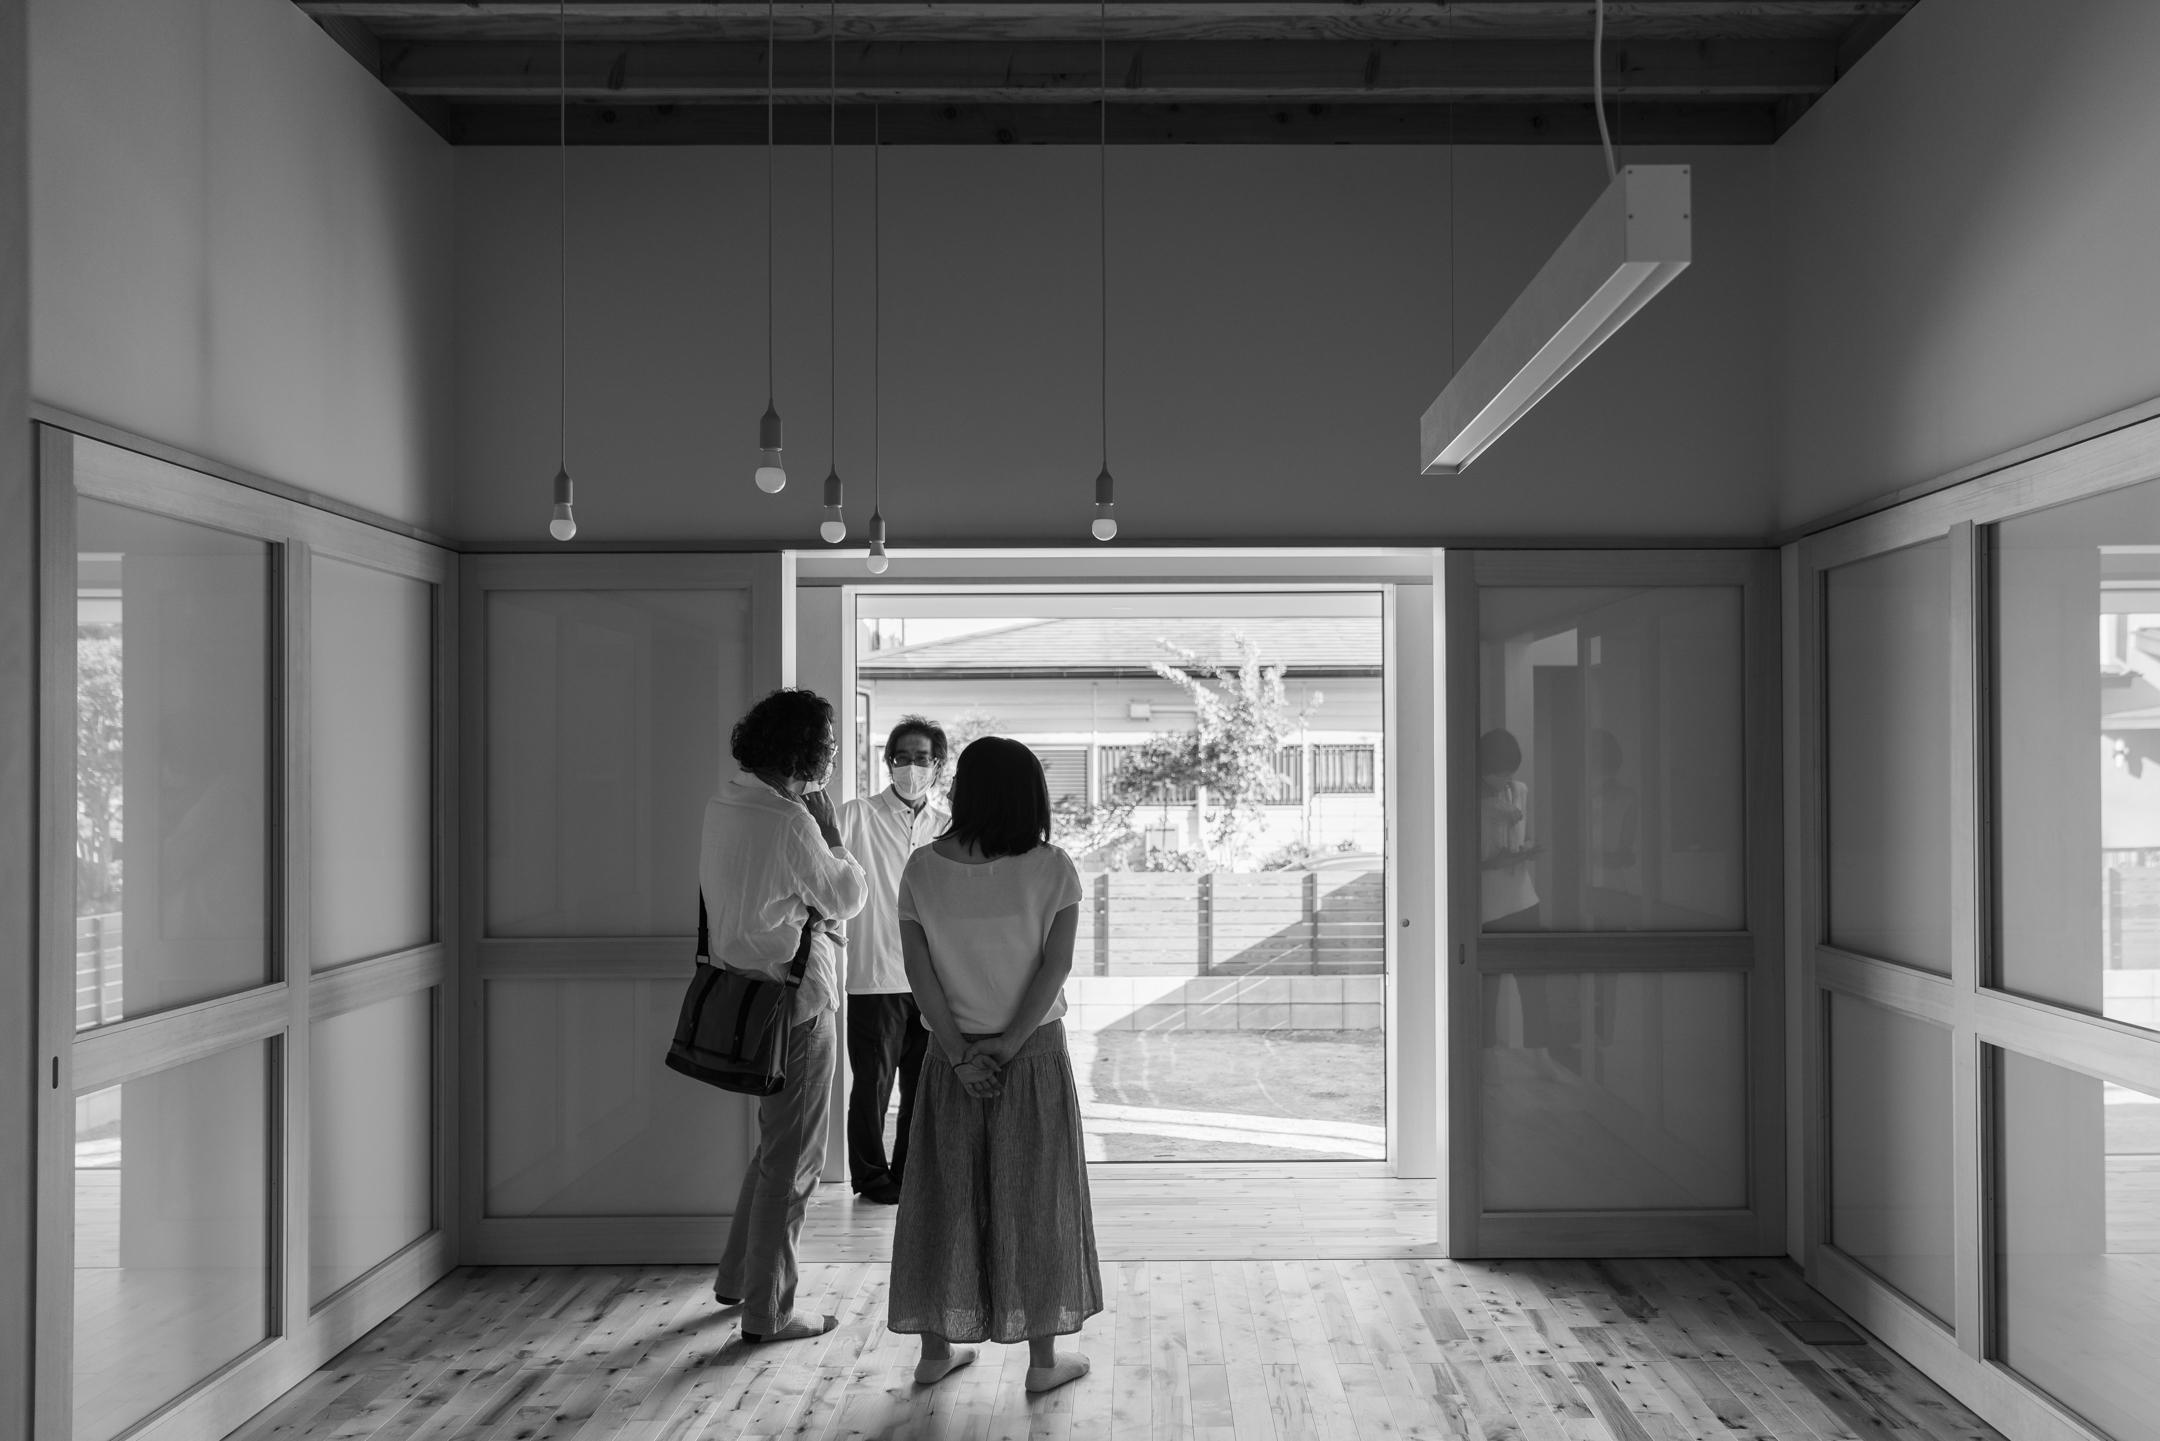 2020.08.29 松井邸内覧会-1.jpg